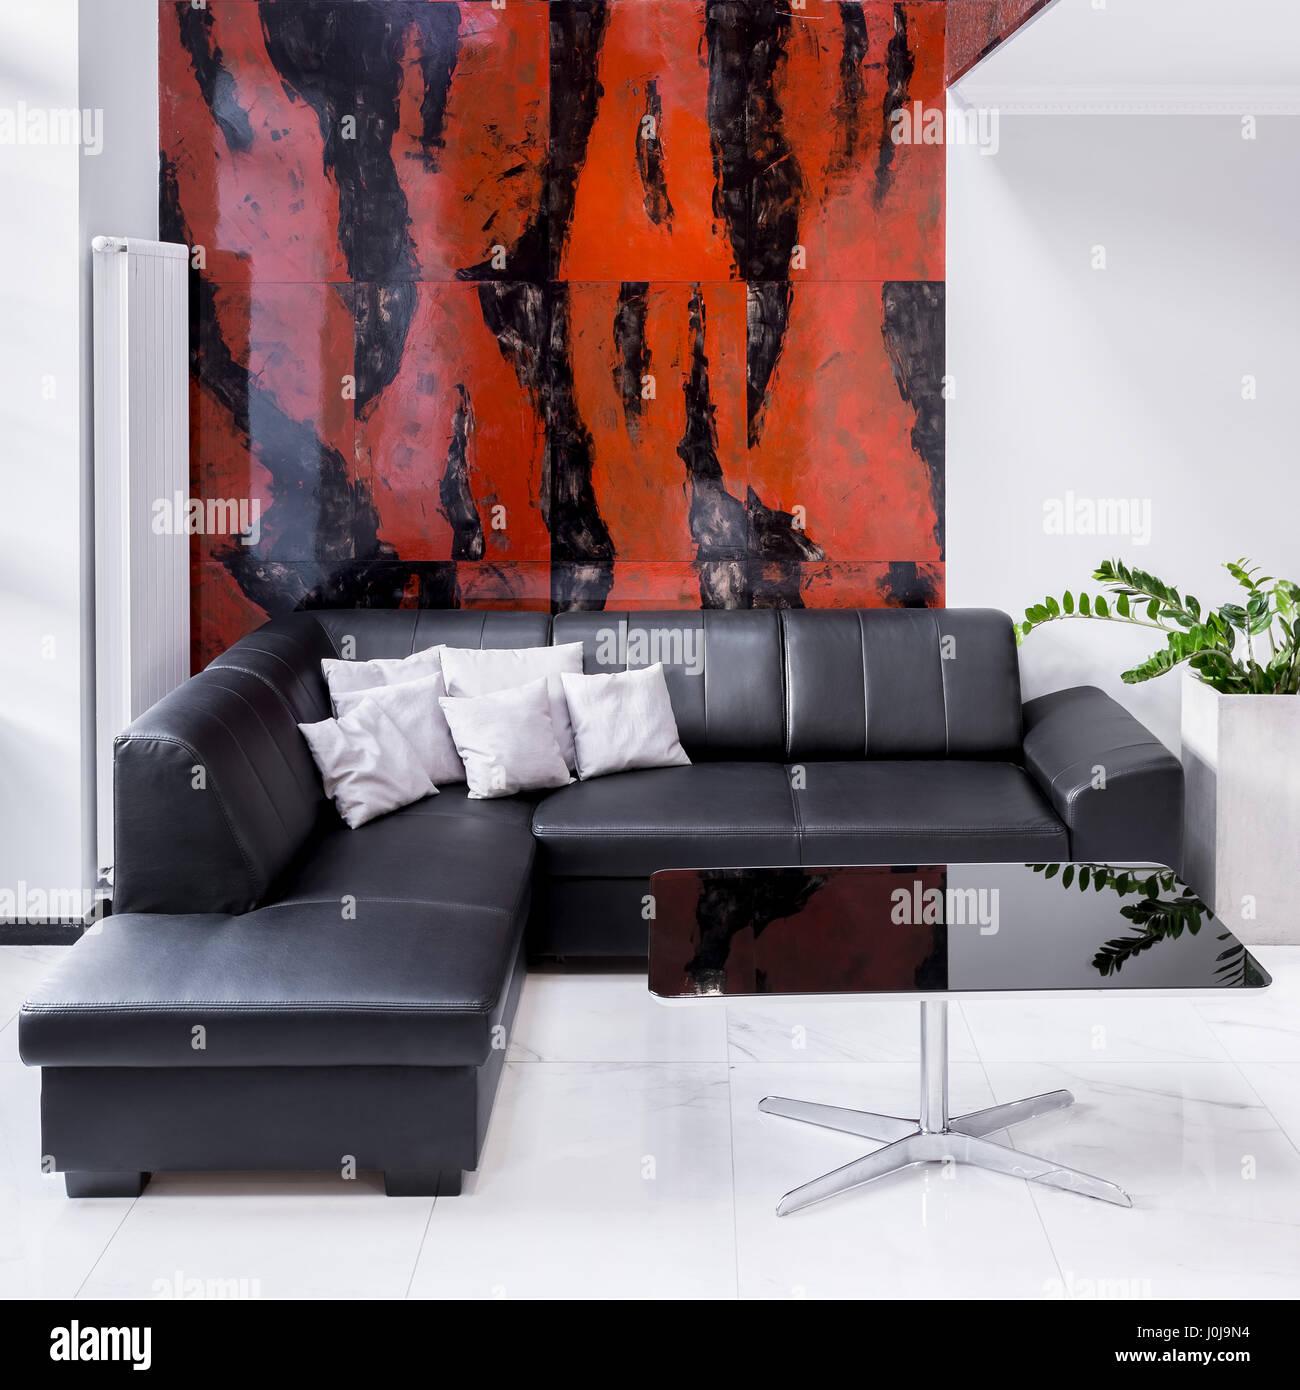 Luxus Wohnzimmer Mit Grossem Sofa Lampe Schwarzen Und Roten Marmor